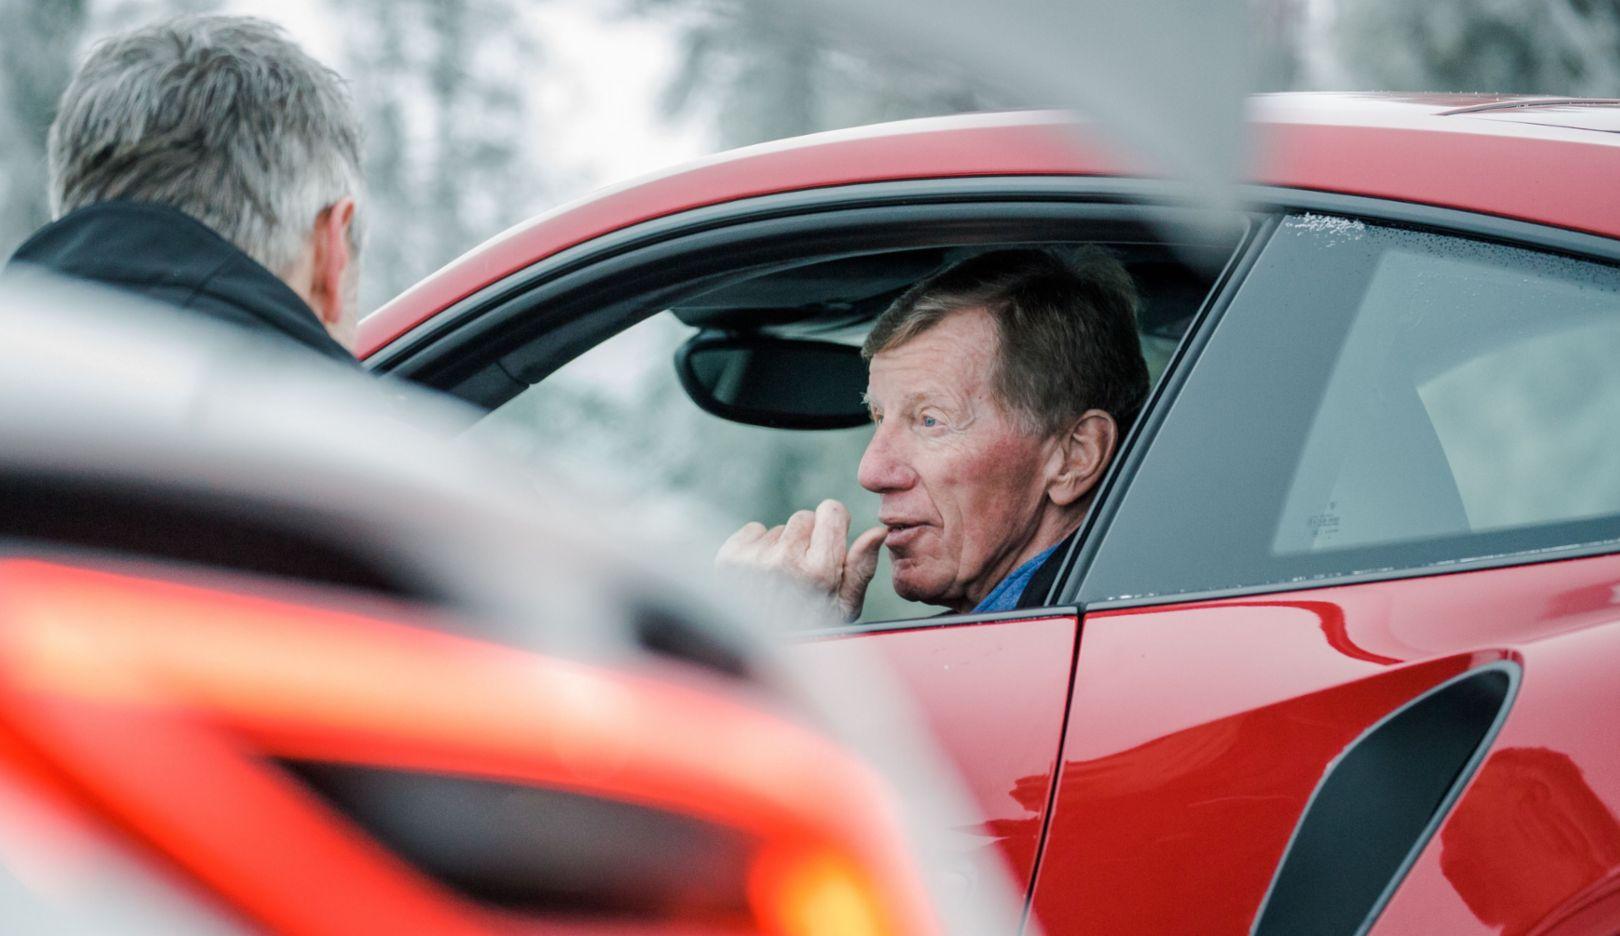 Walter Röhrl, Porsche Driving Experience Levi, Finnland, 2017, Porsche AG